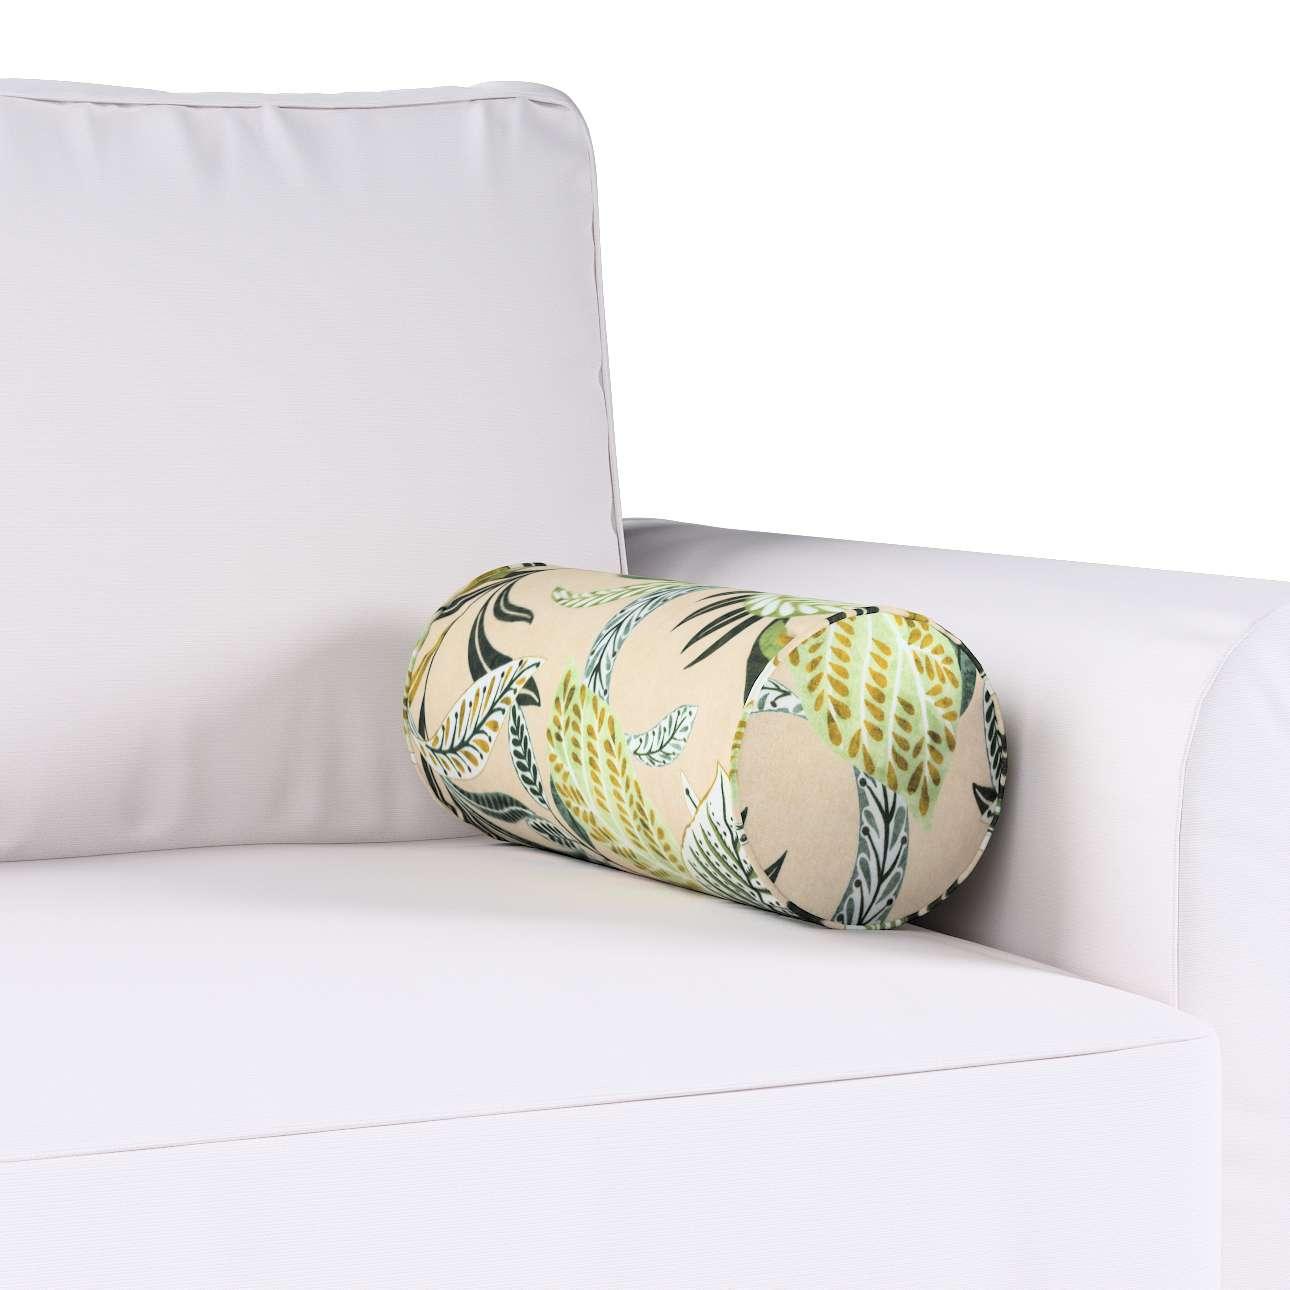 Valček jednoduchý V kolekcii Tropical Island, tkanina: 142-96